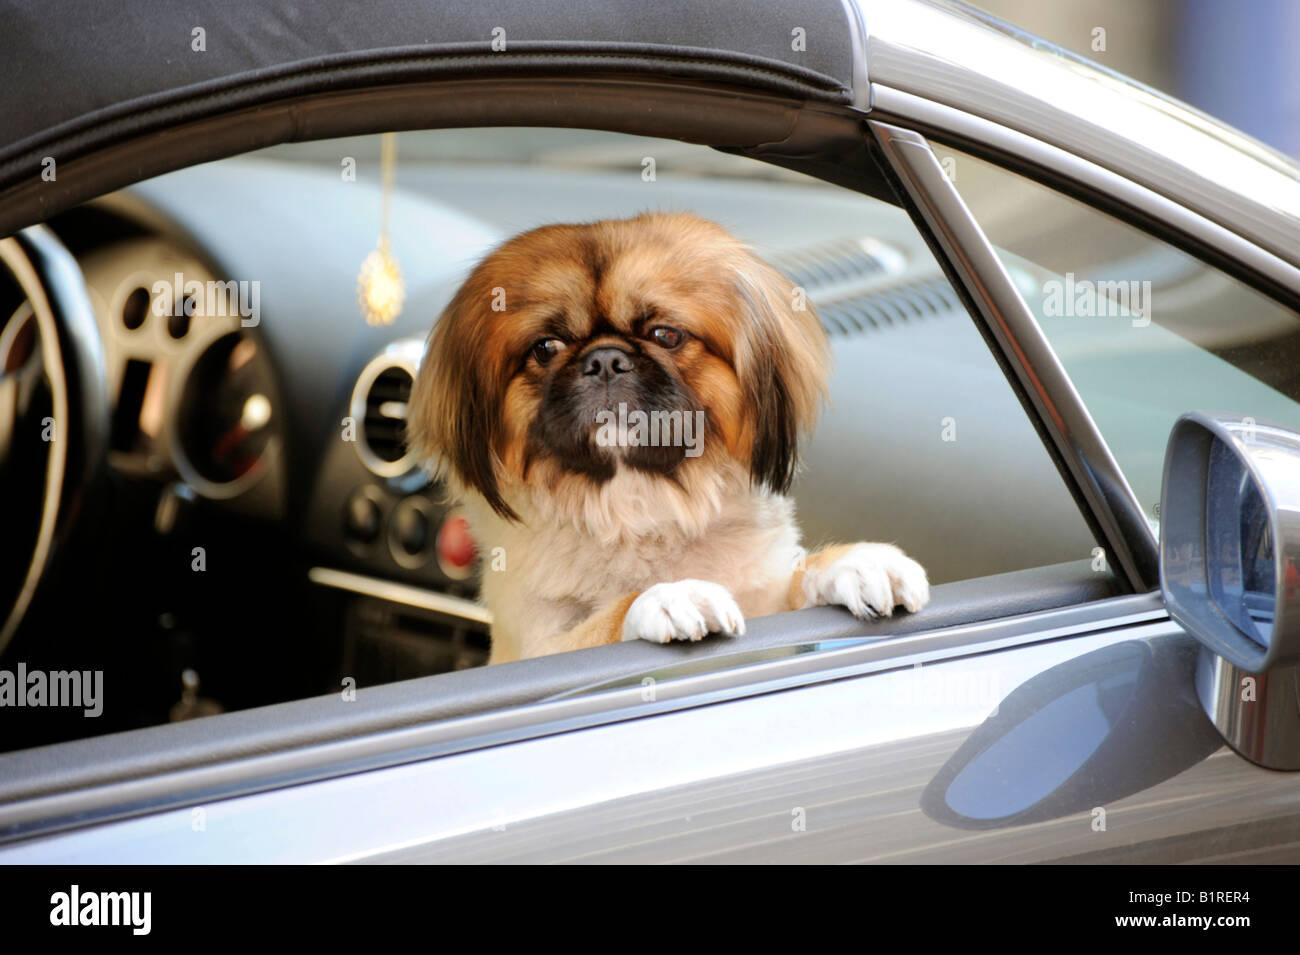 Lapdog, Pekingese or Pekinese dog in a car, Munich, Bavaria, Germany, Europe - Stock Image